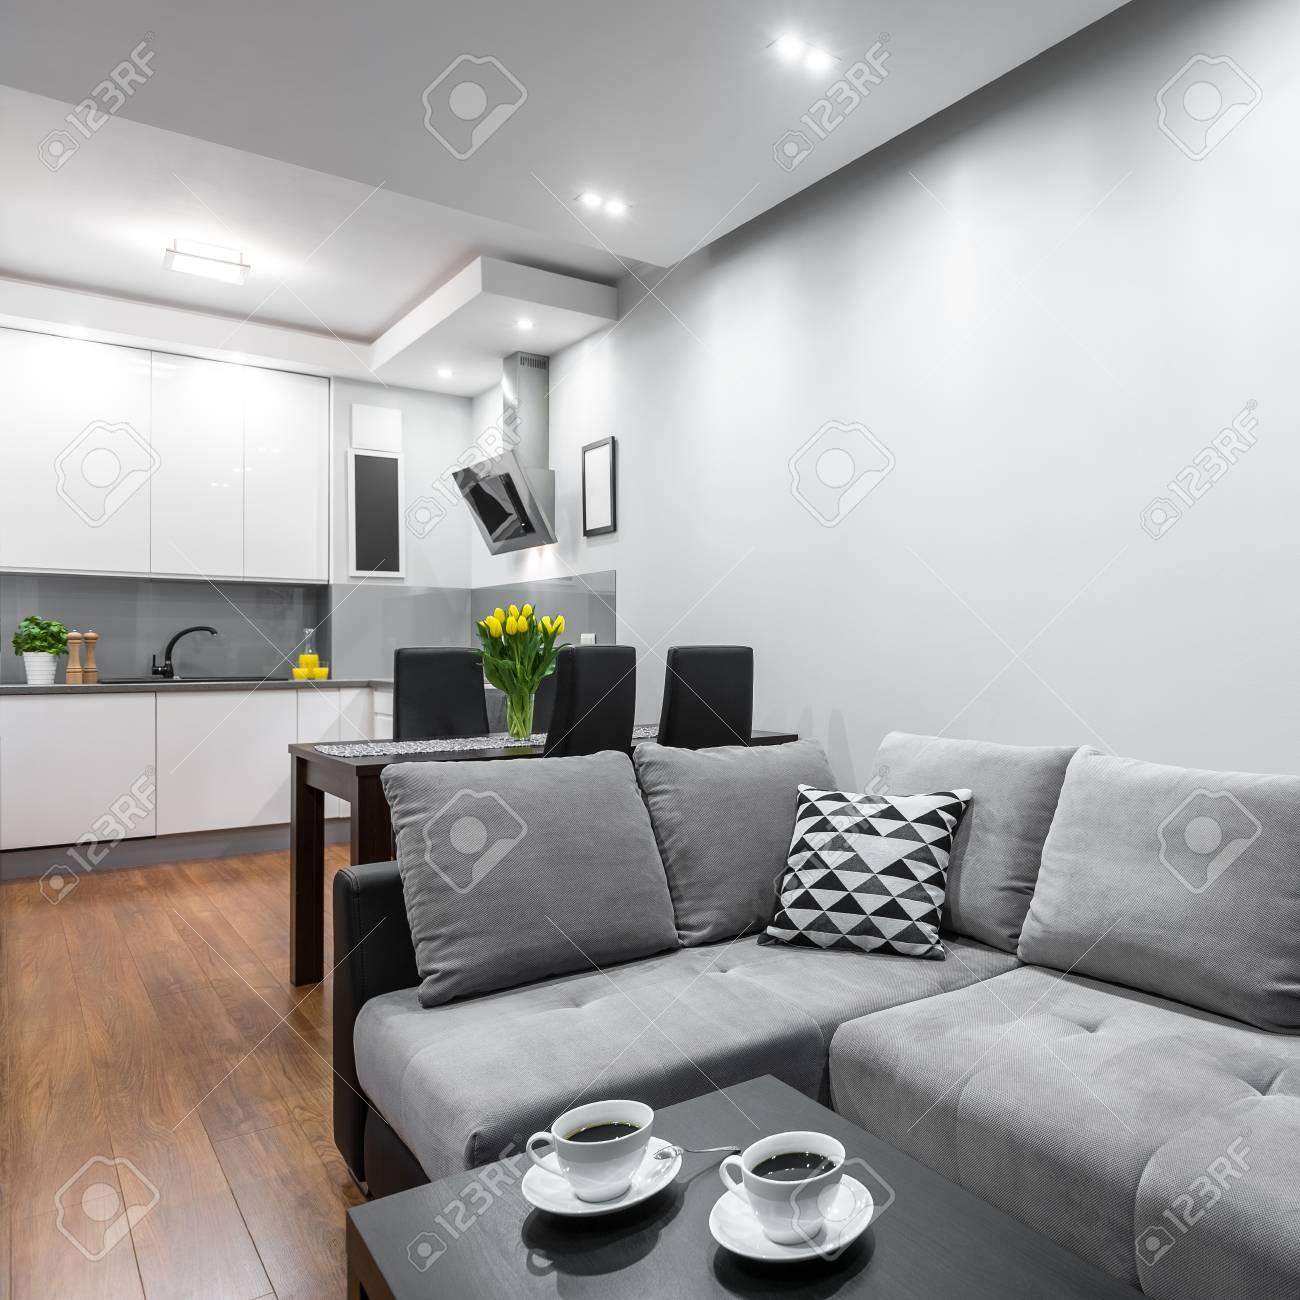 Maison Moderne Avec Un Canapé, Une Table Basse, Salle À Manger Ensemble Et Cuisine Ouverte ...